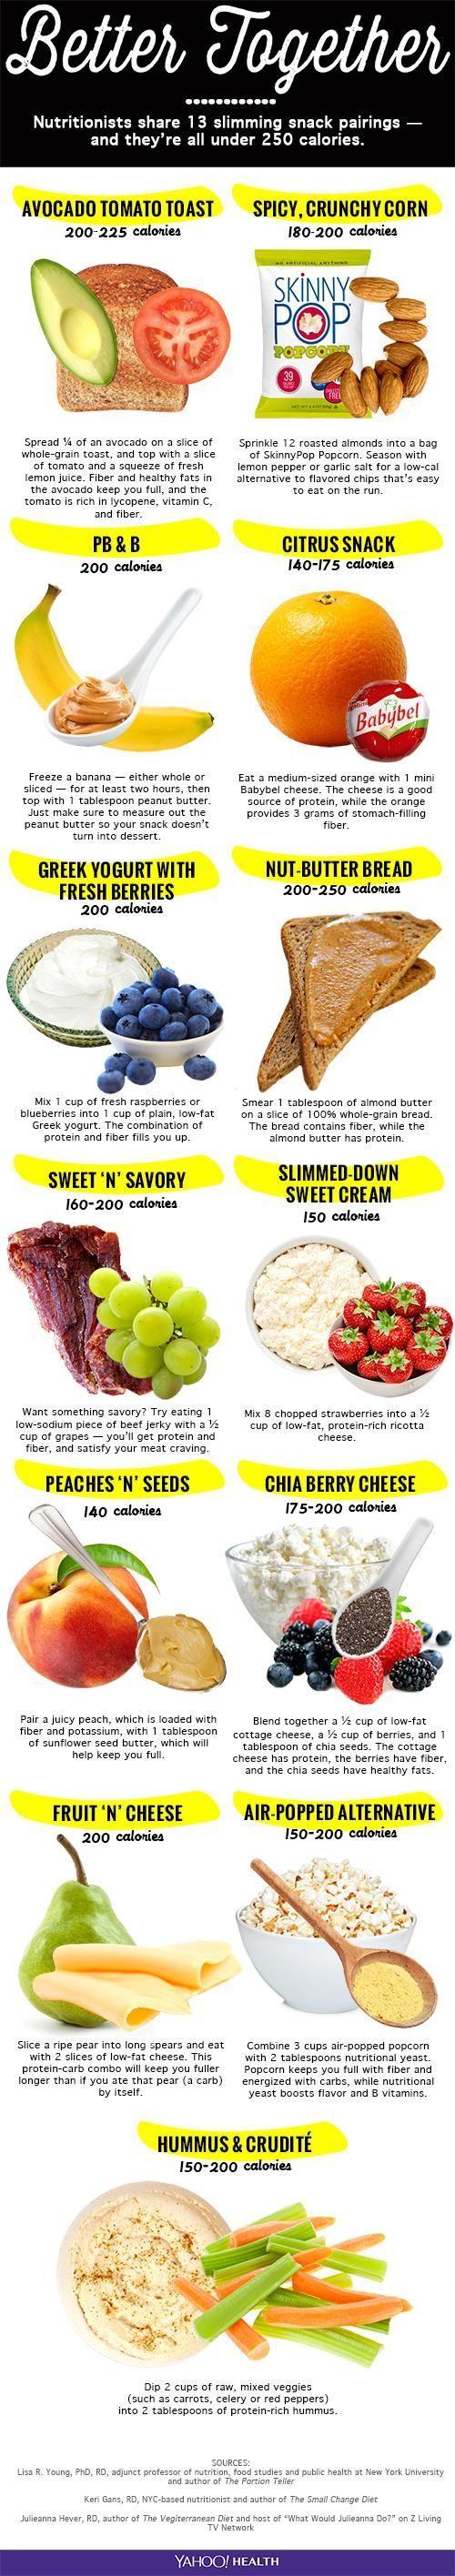 13 Tasty Snack Pairings Under 250 Calories Healthy Snacks Nutrition Food